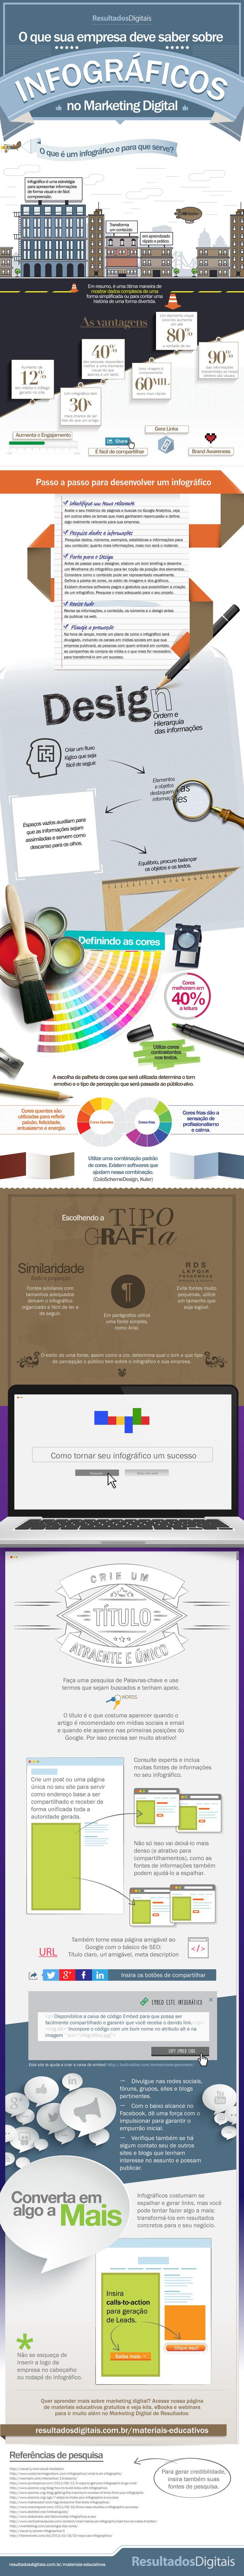 [Infográfico] O que sua empresa deve saber sobre Infográficos no Marketing Digital